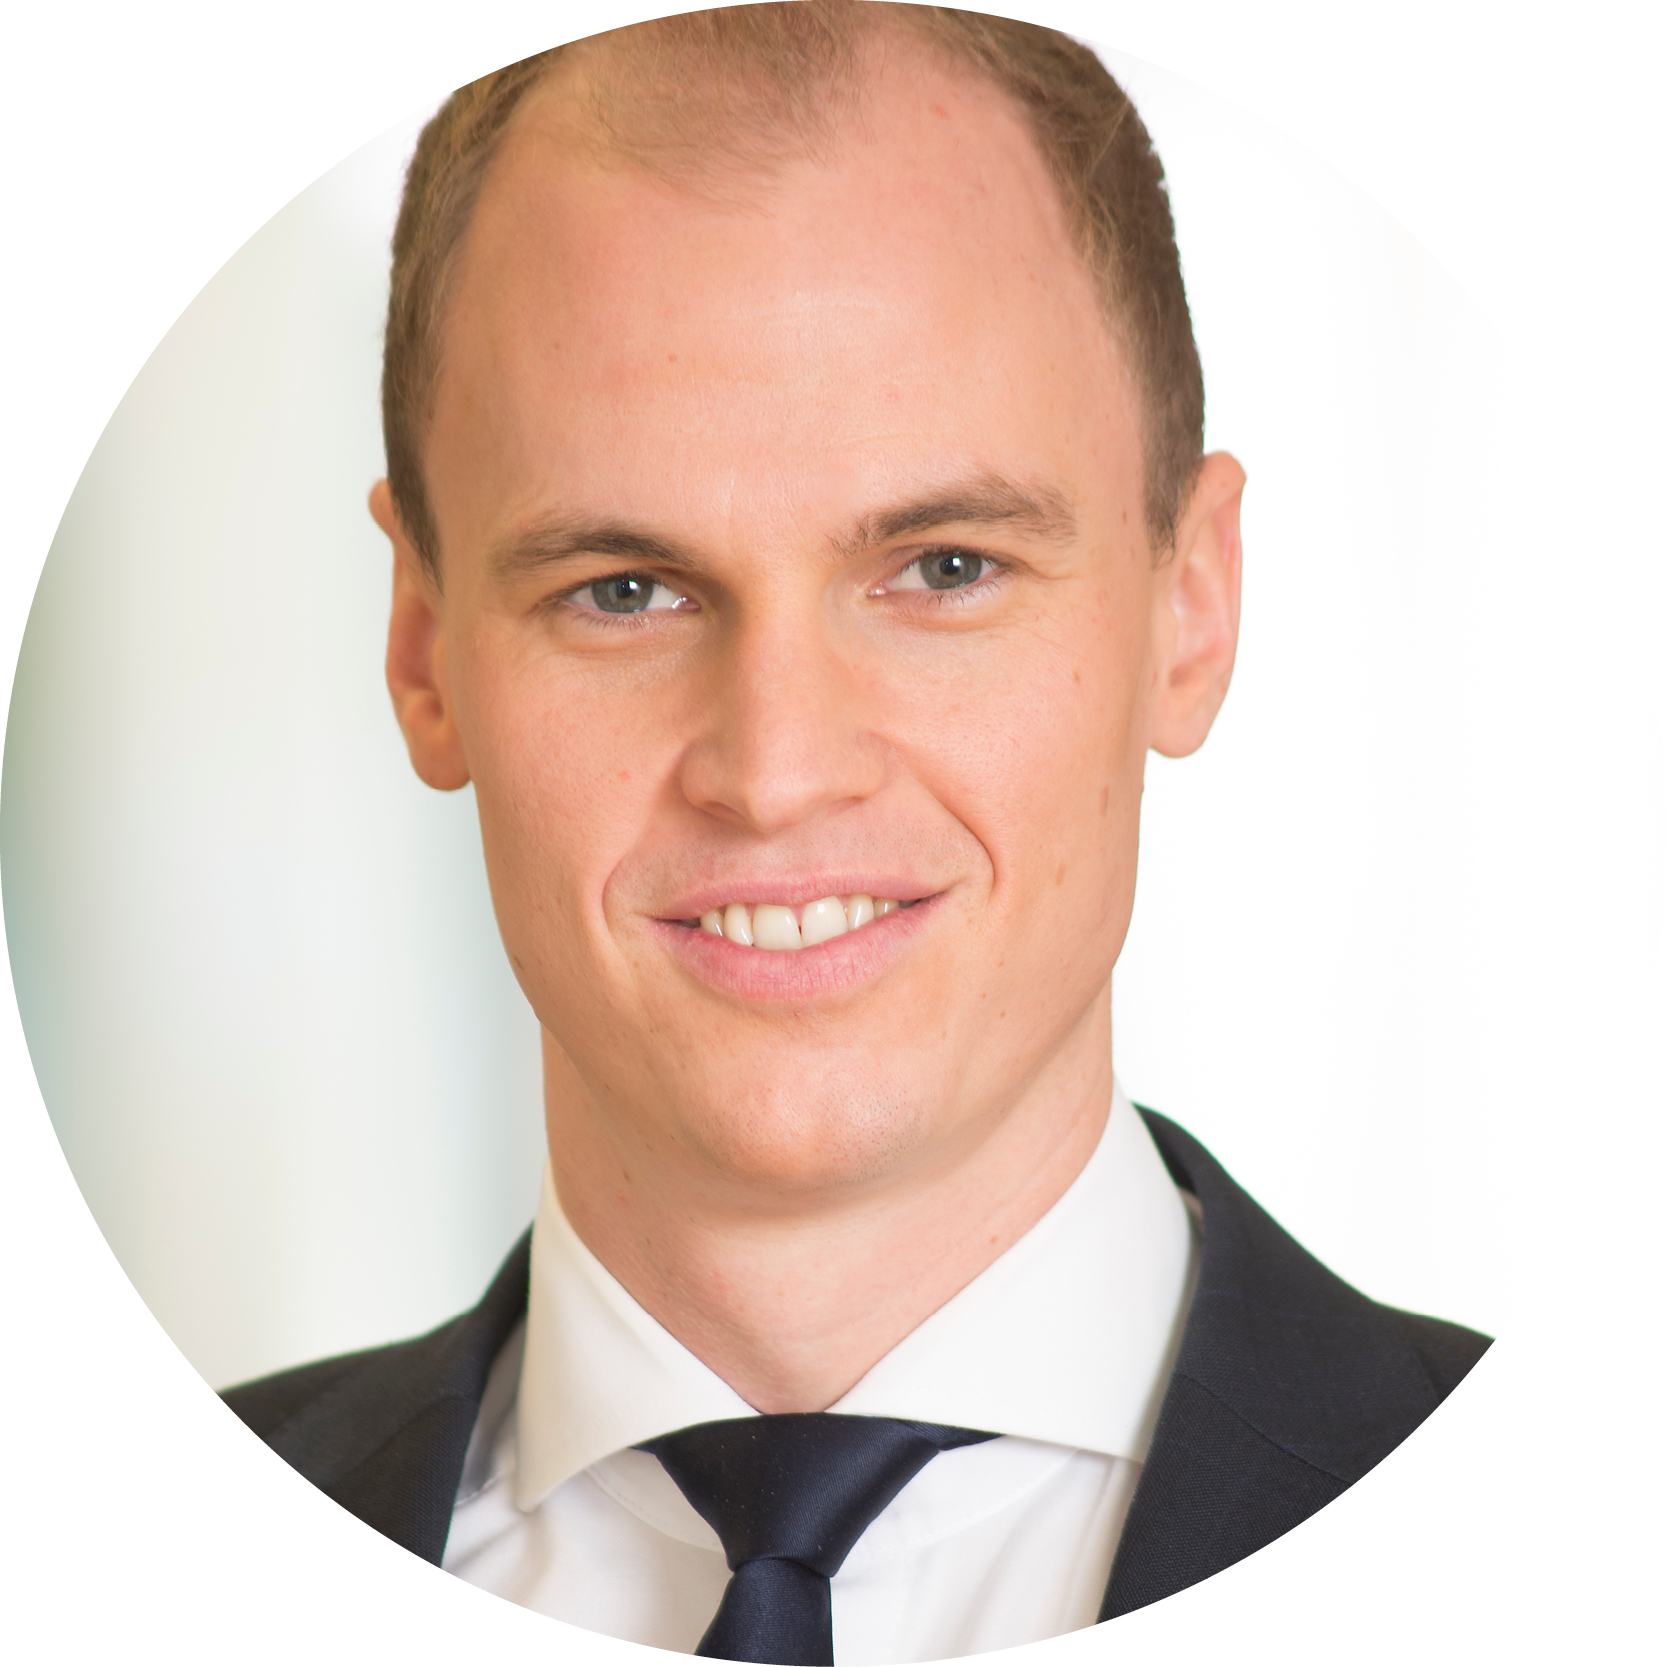 Timo Sören Wesemann